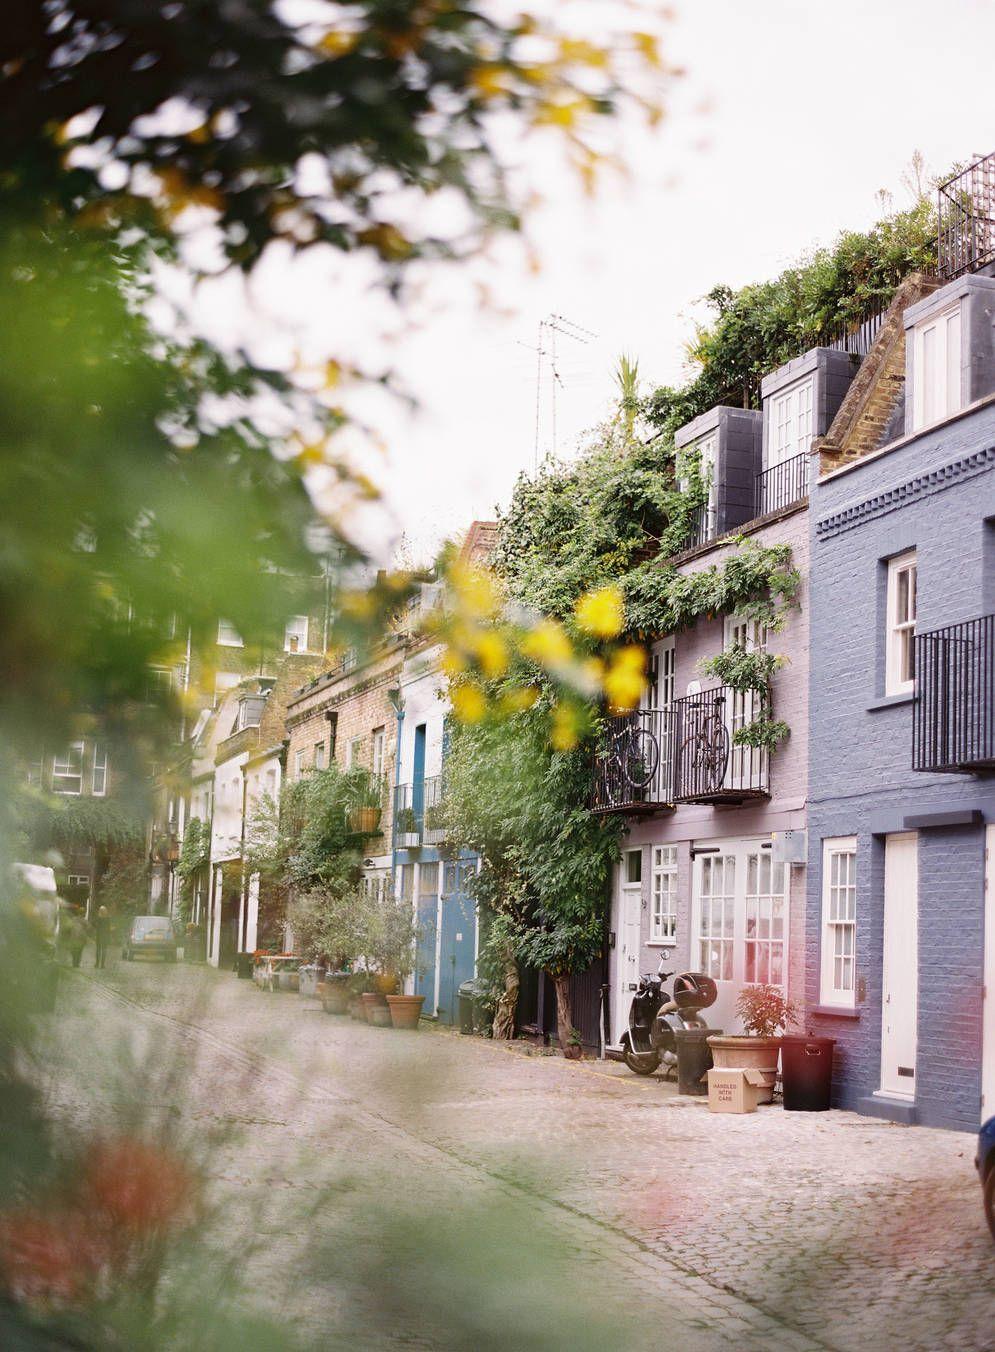 Les rues de Notting Hill donnent l'impression de jouer dans une comédie romantique. Les couleurs pastel de cet impertinent quartier de Londres ne manqueront pas de vous faire fondre.